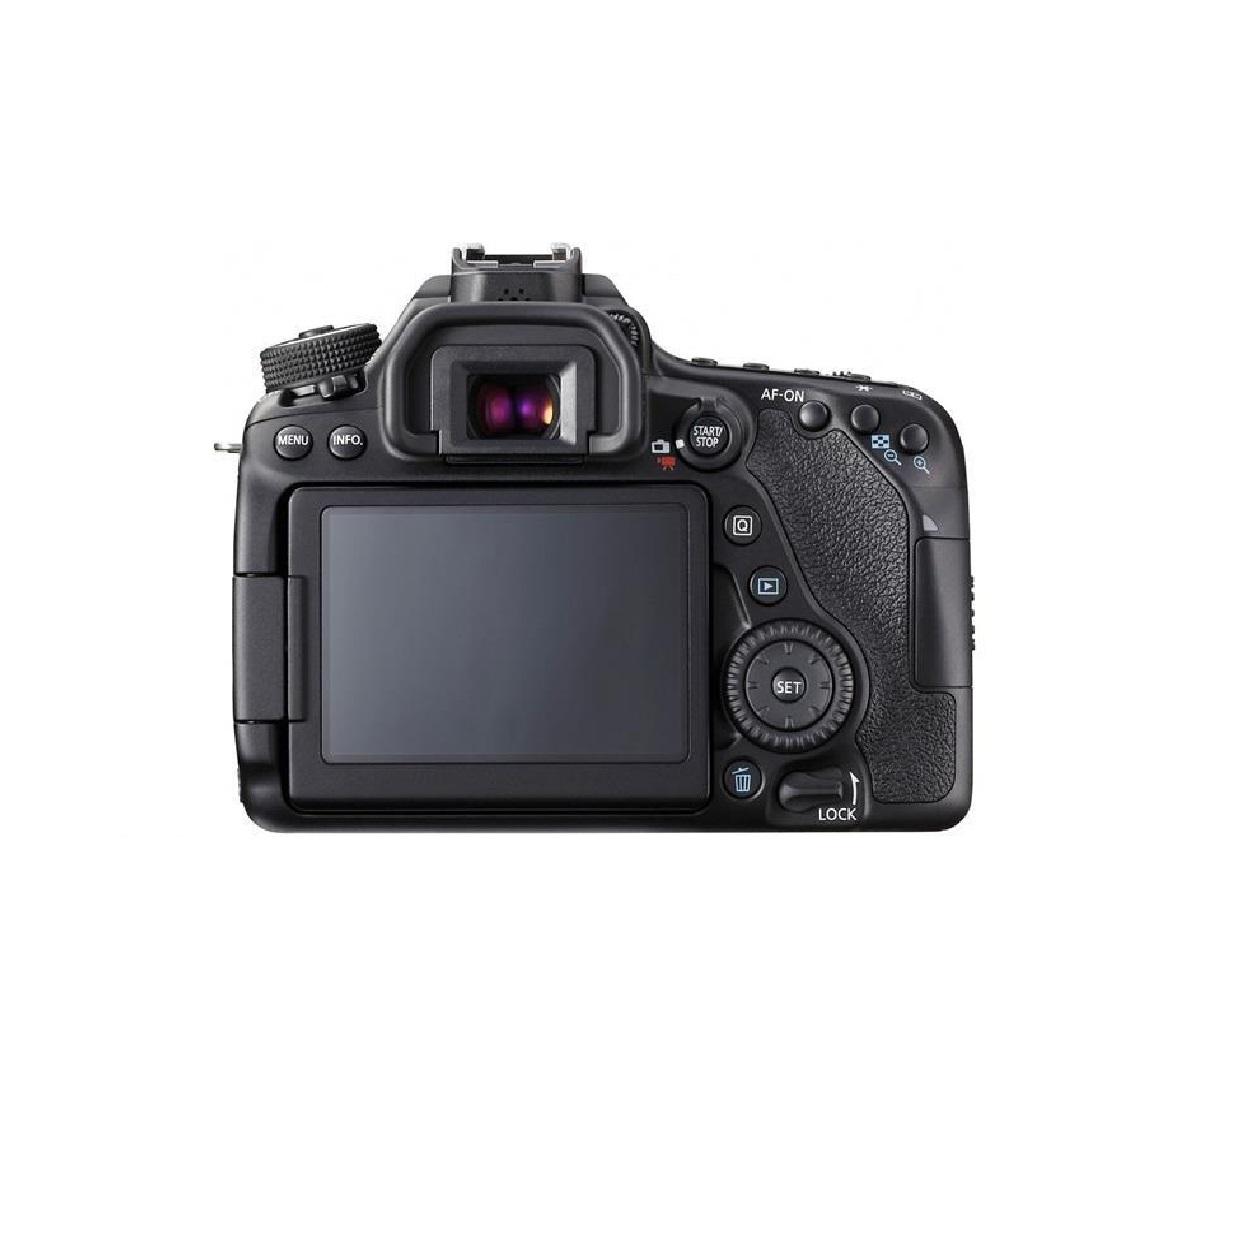 دوربین دیجیتال کانن ای او اس ۸۰ دی با کیت ۱۸-۱۳۵